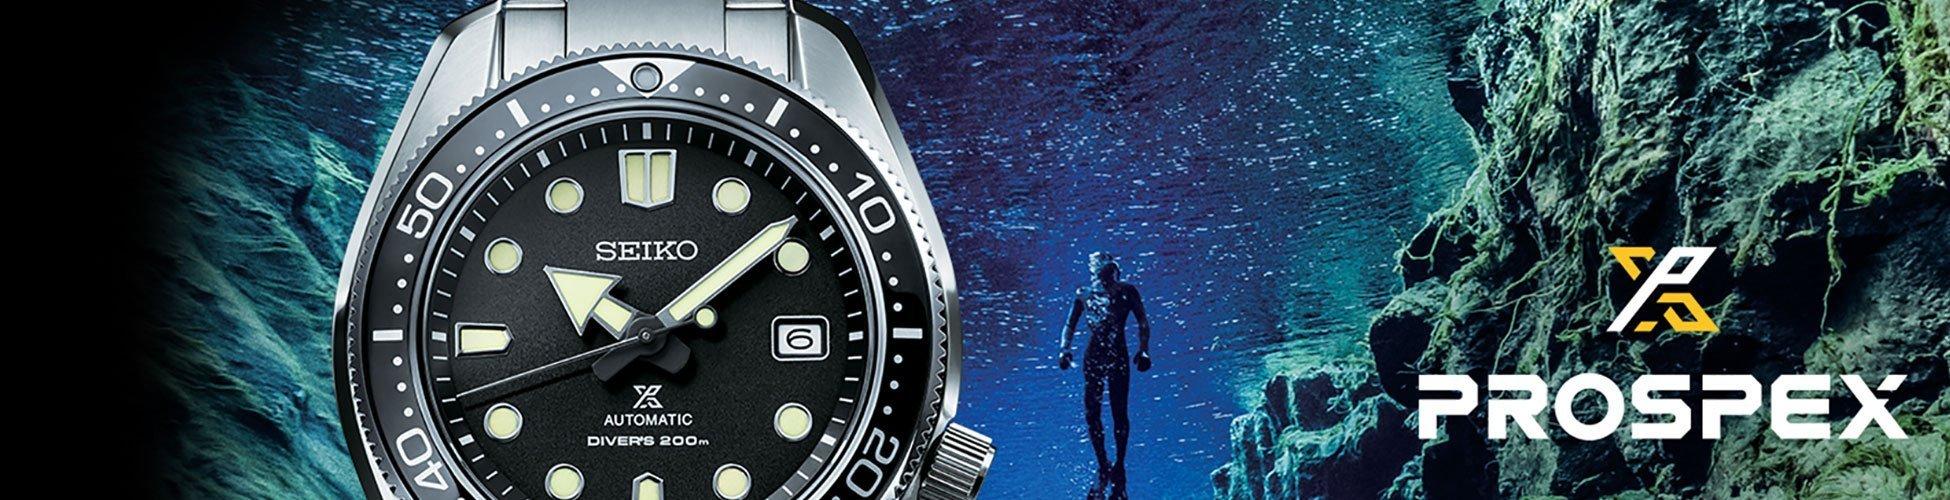 prospex-SPB077J1 duiker 200 mtr